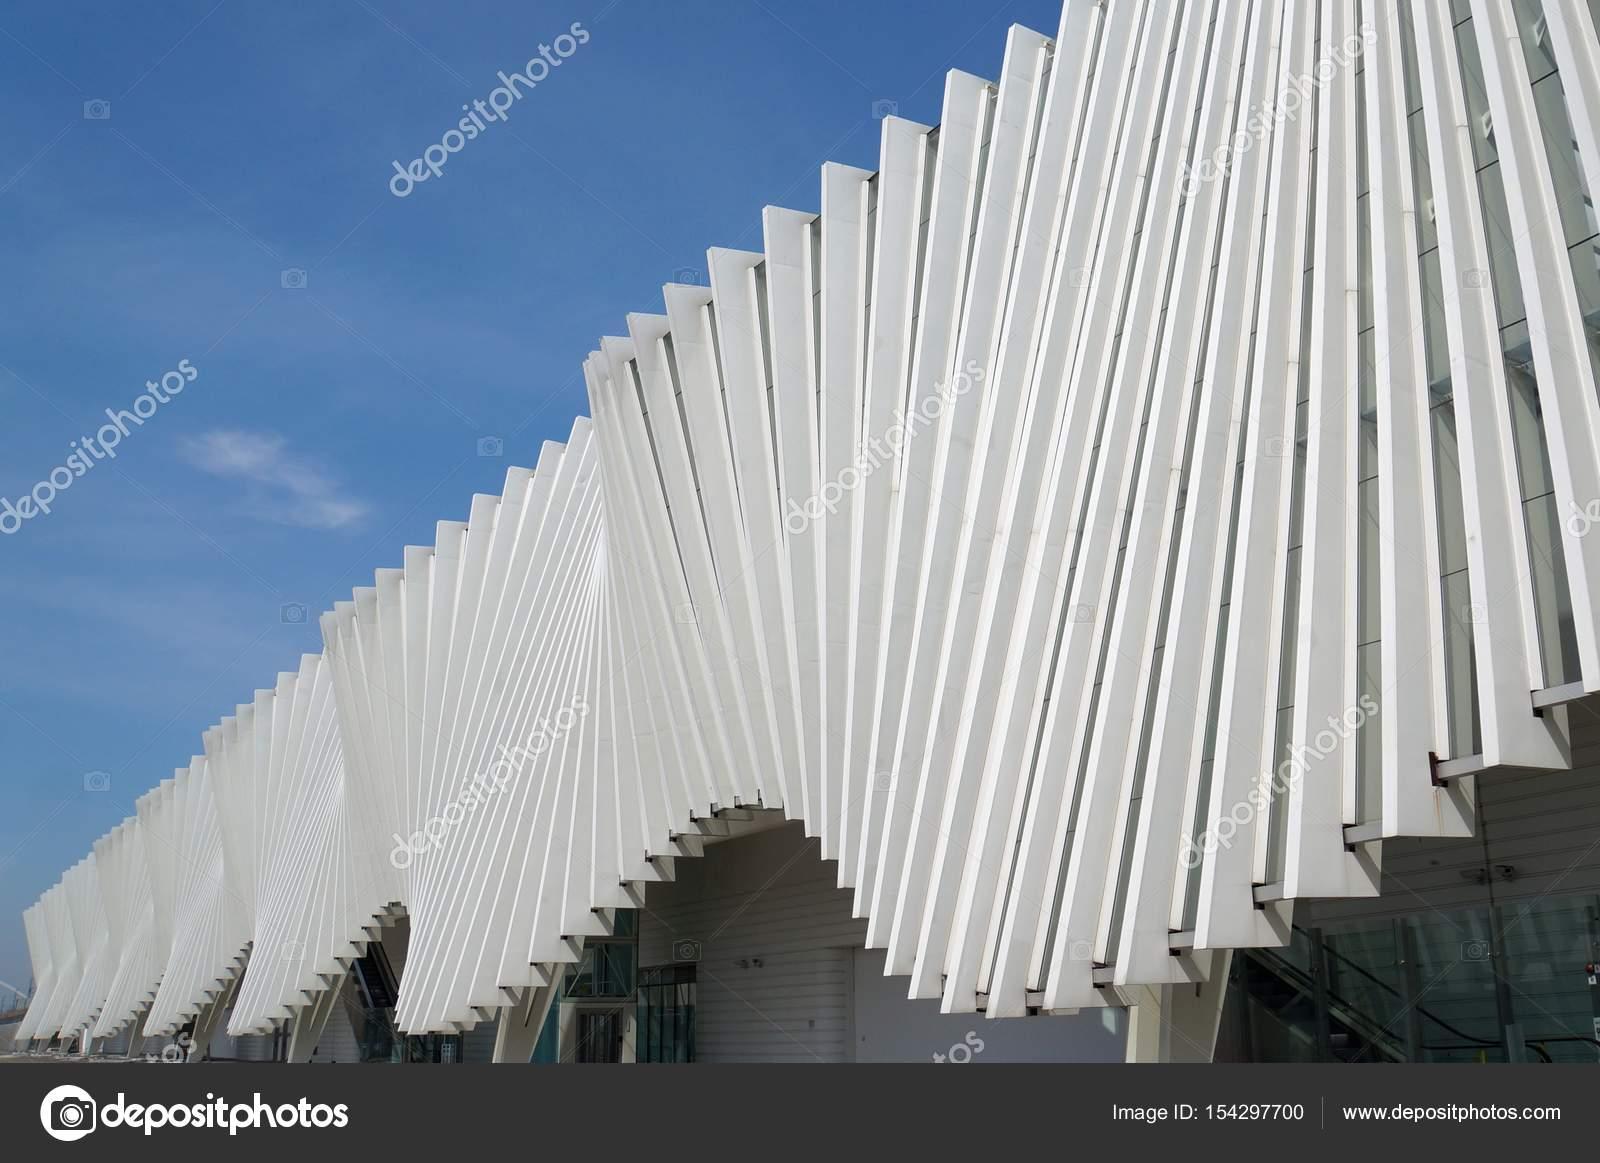 Suche Architekten den berühmten spanischen architekten santiago calatrava bekannt für